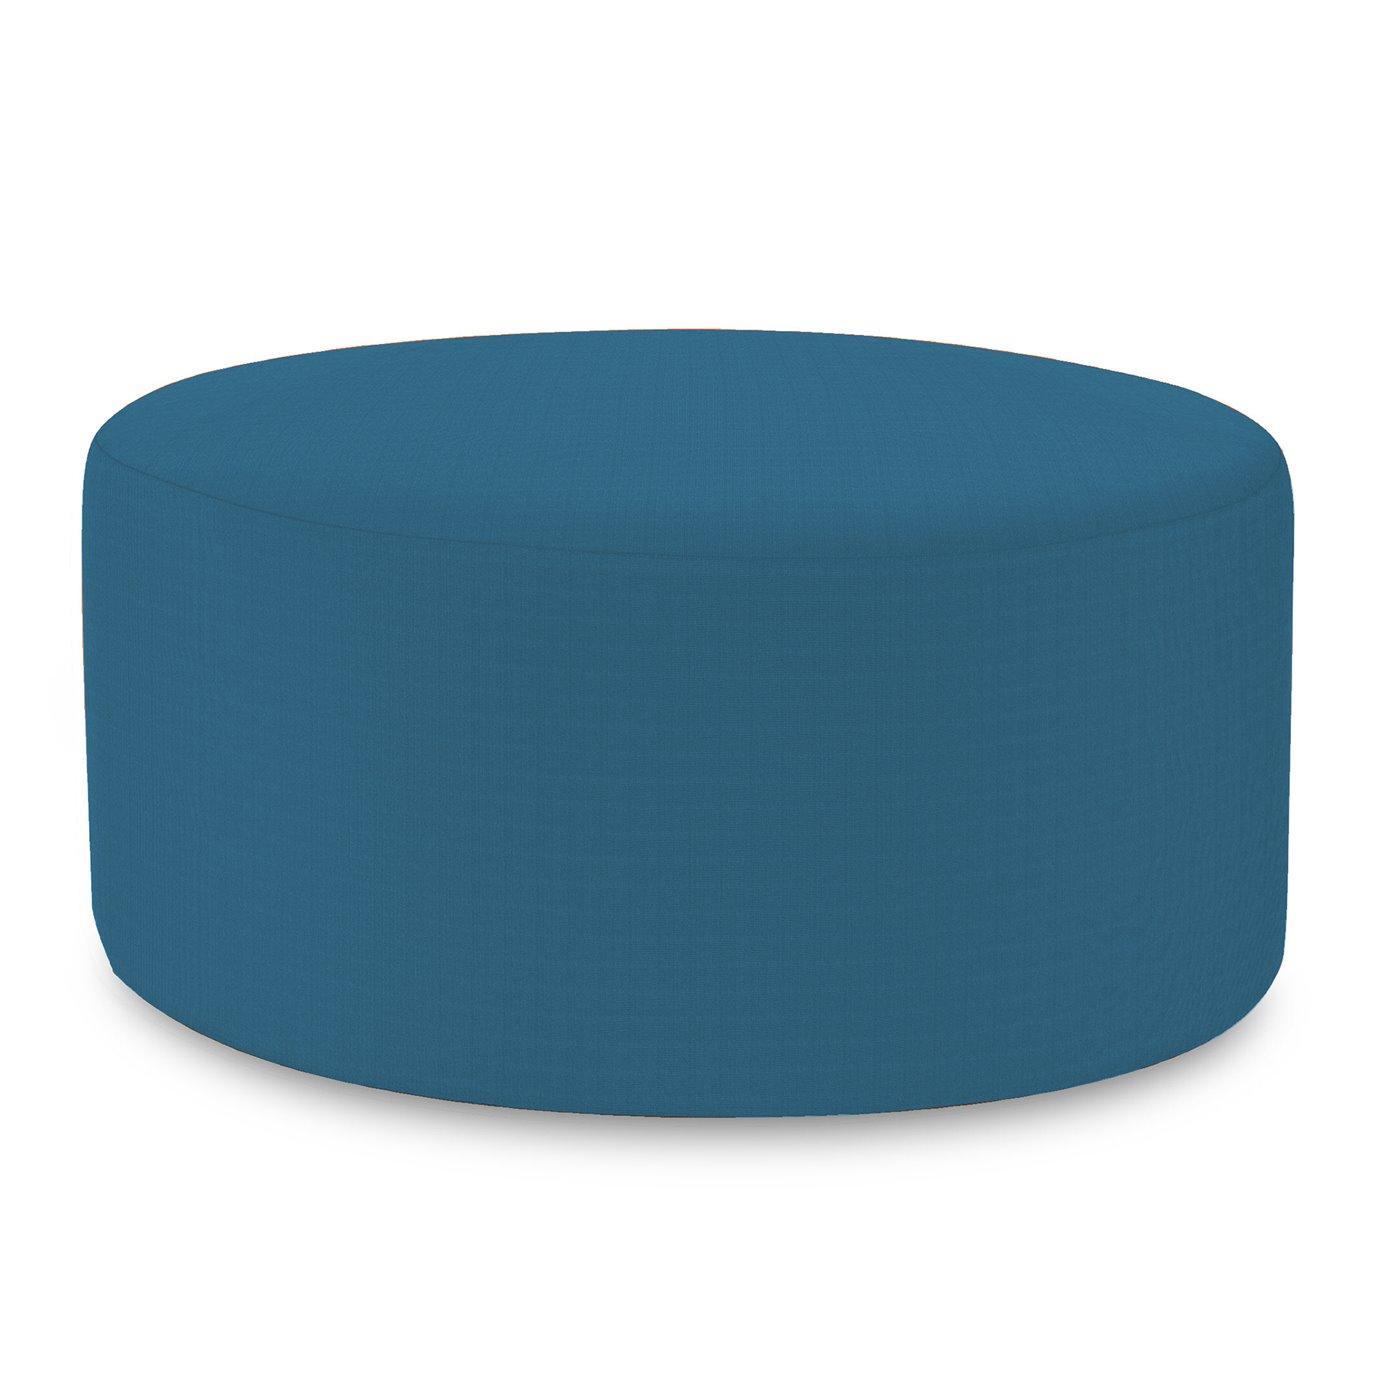 Howard Elliott Universal Round Ottoman Outdoor Sunbrella Seascape Turquoise Complete Ottoman